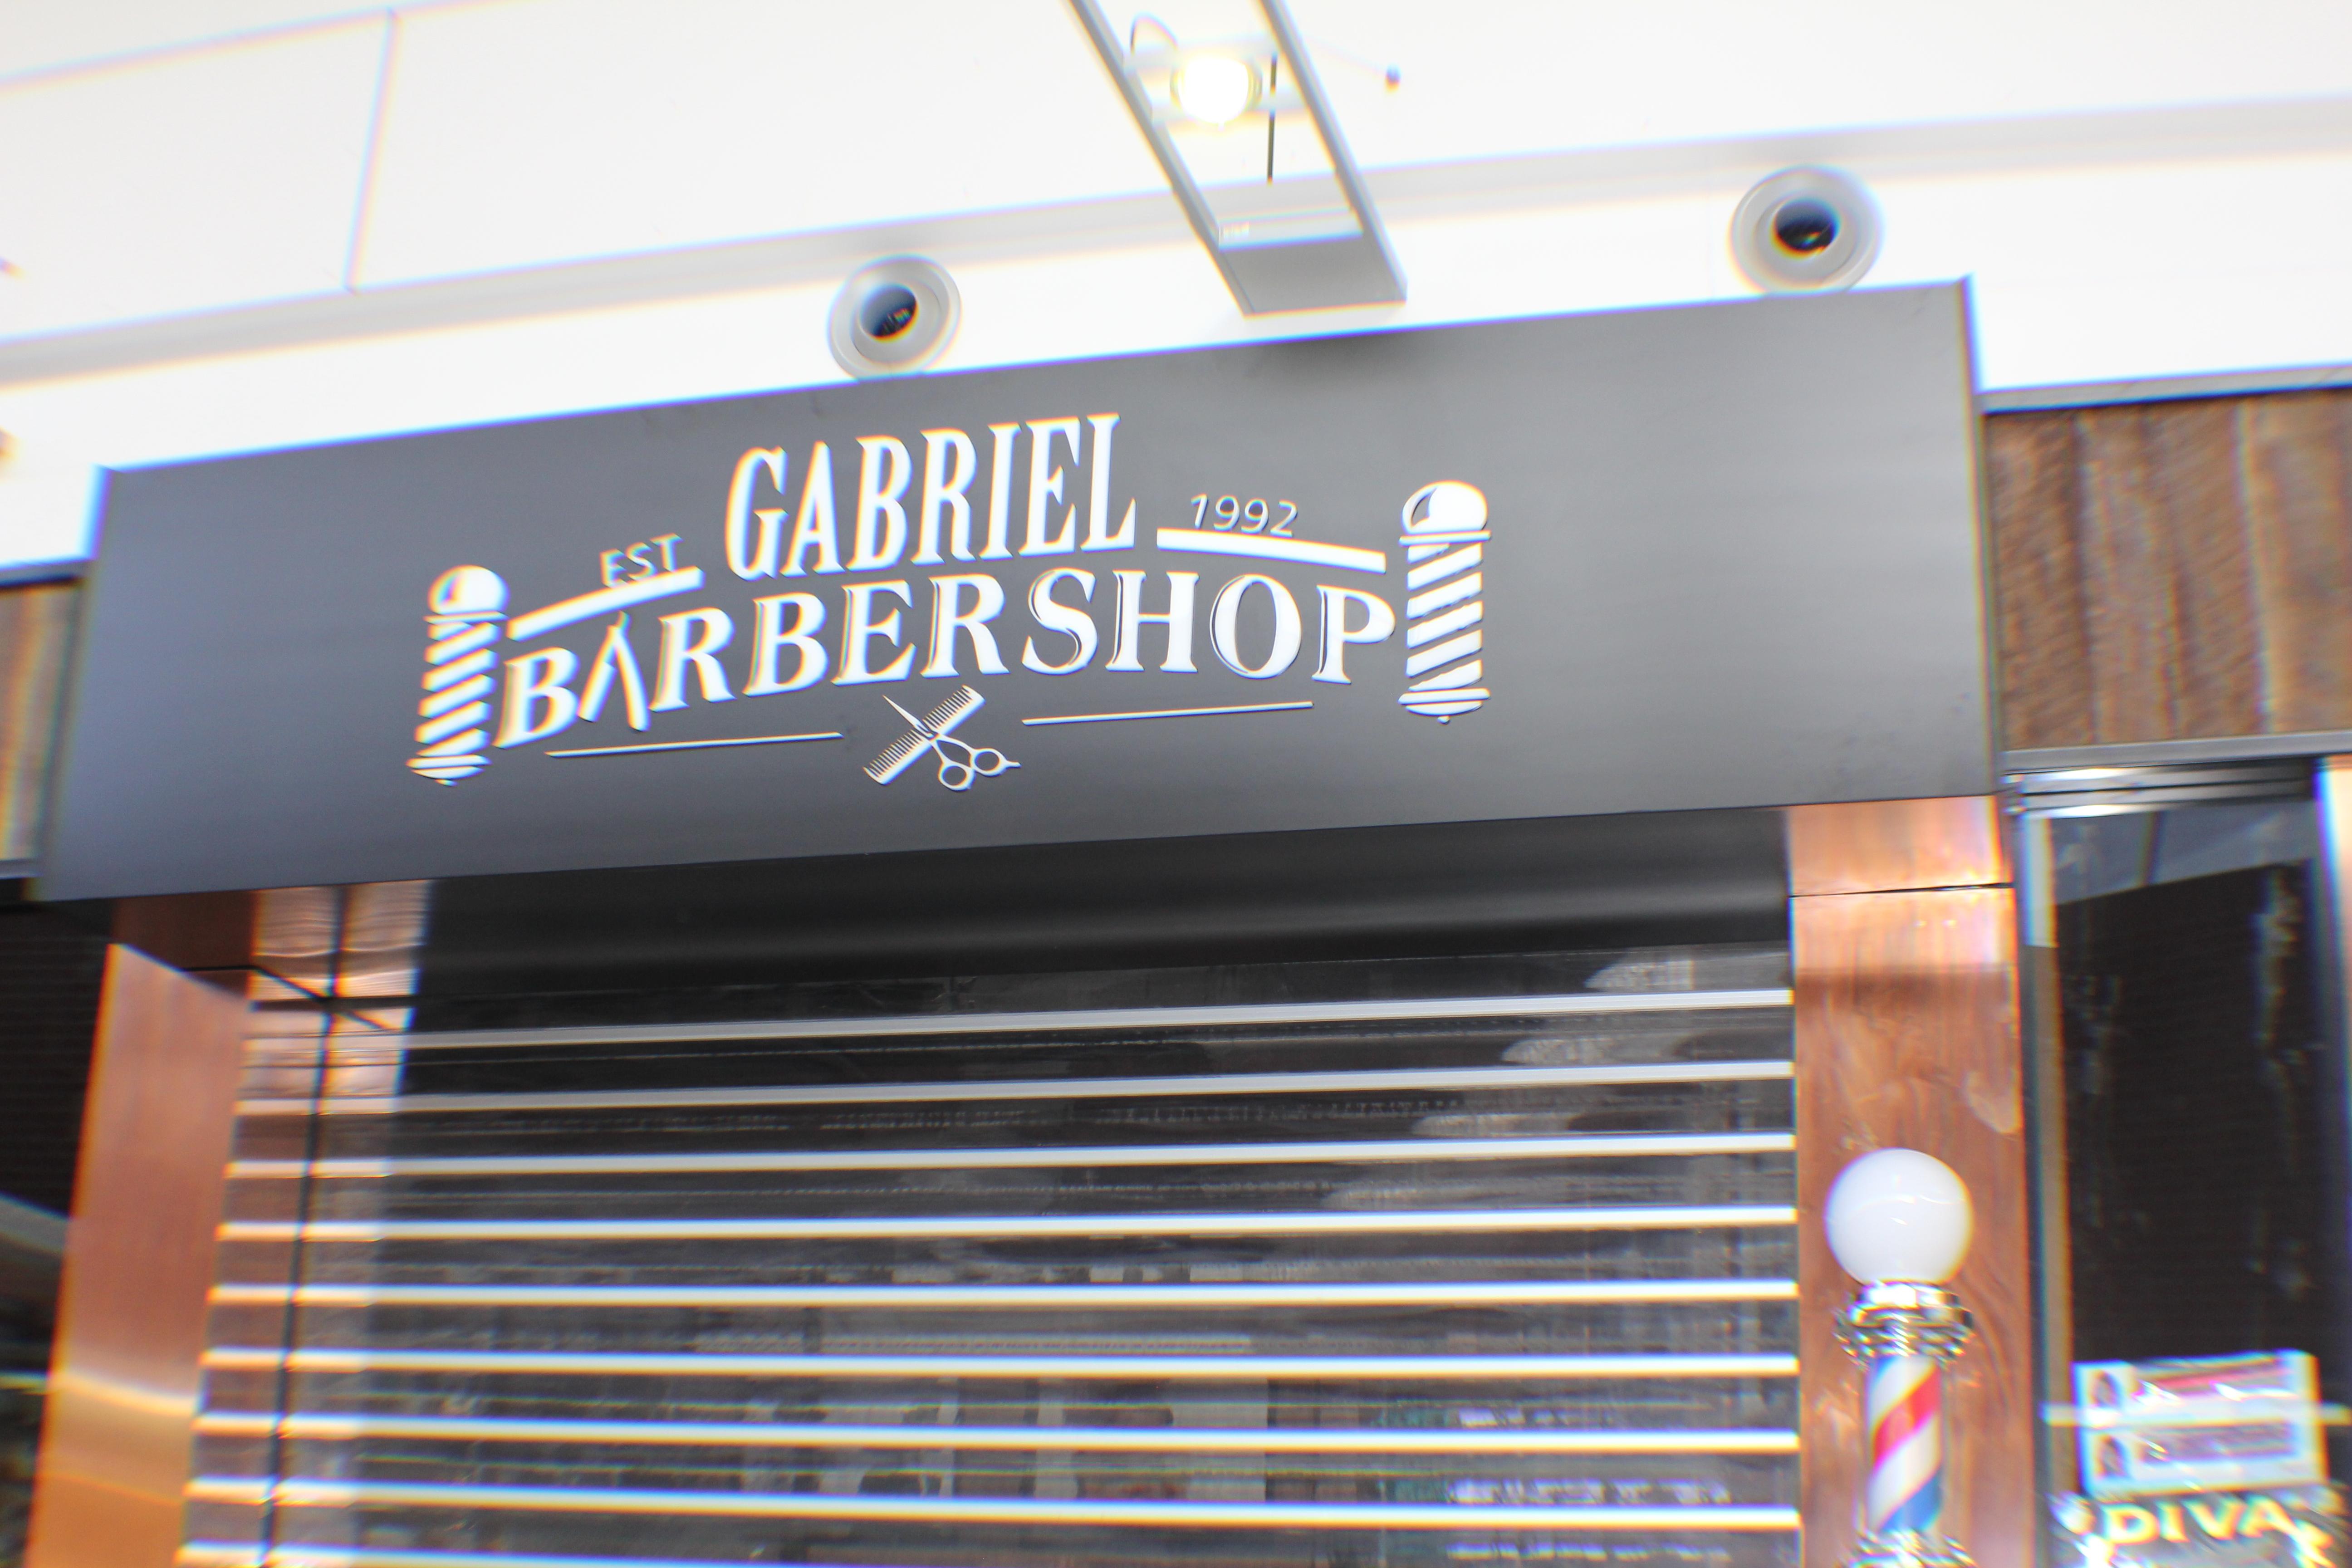 Gabriel Barbershop Westfield Penrith  (5)